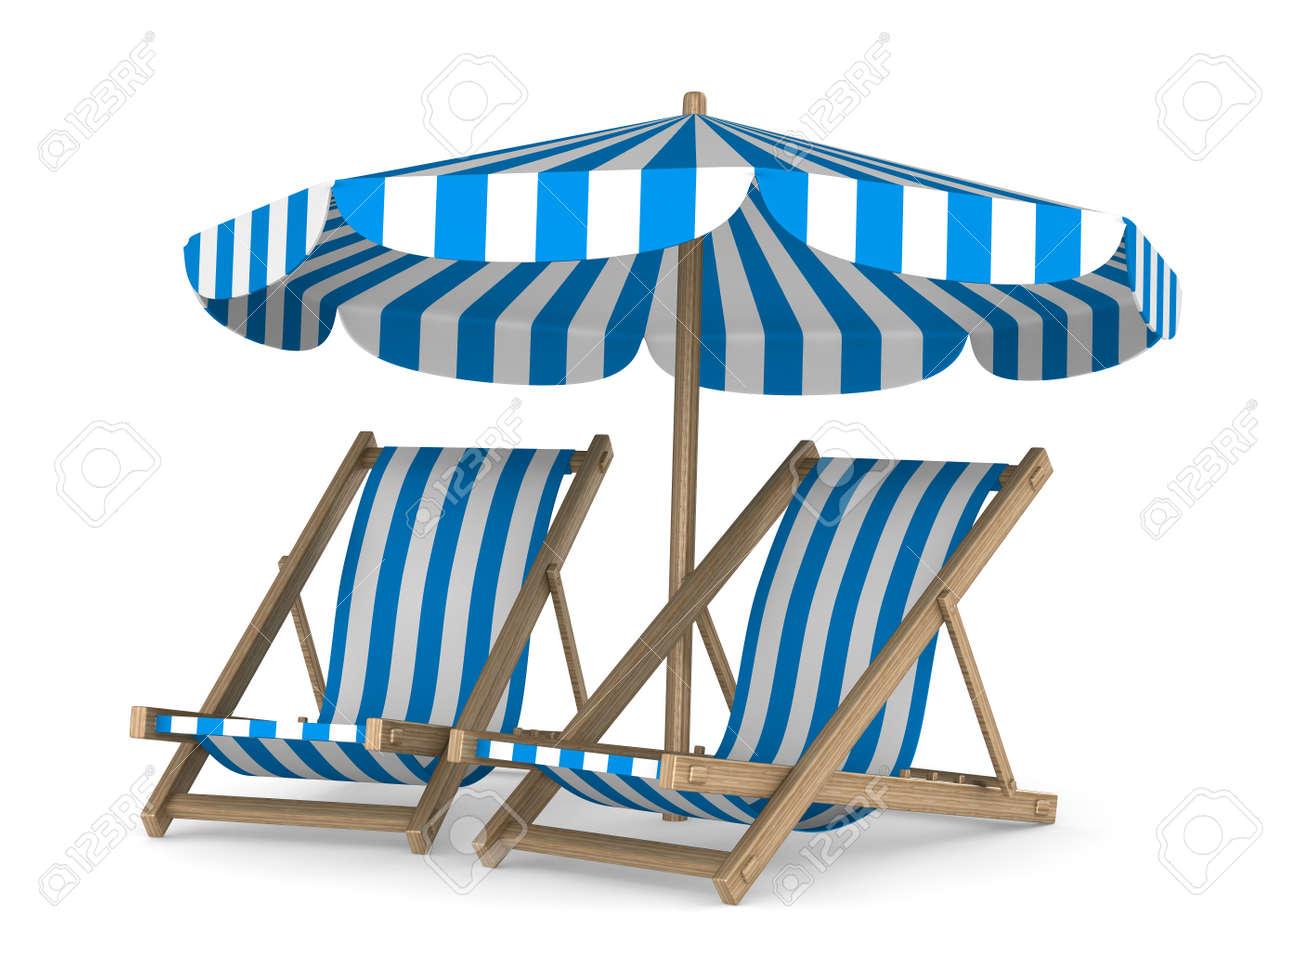 Strandstoel En Parasol.Twee Strandstoel En Parasol Op Een Witte Achtergrond Geisoleerde 3d Beeld